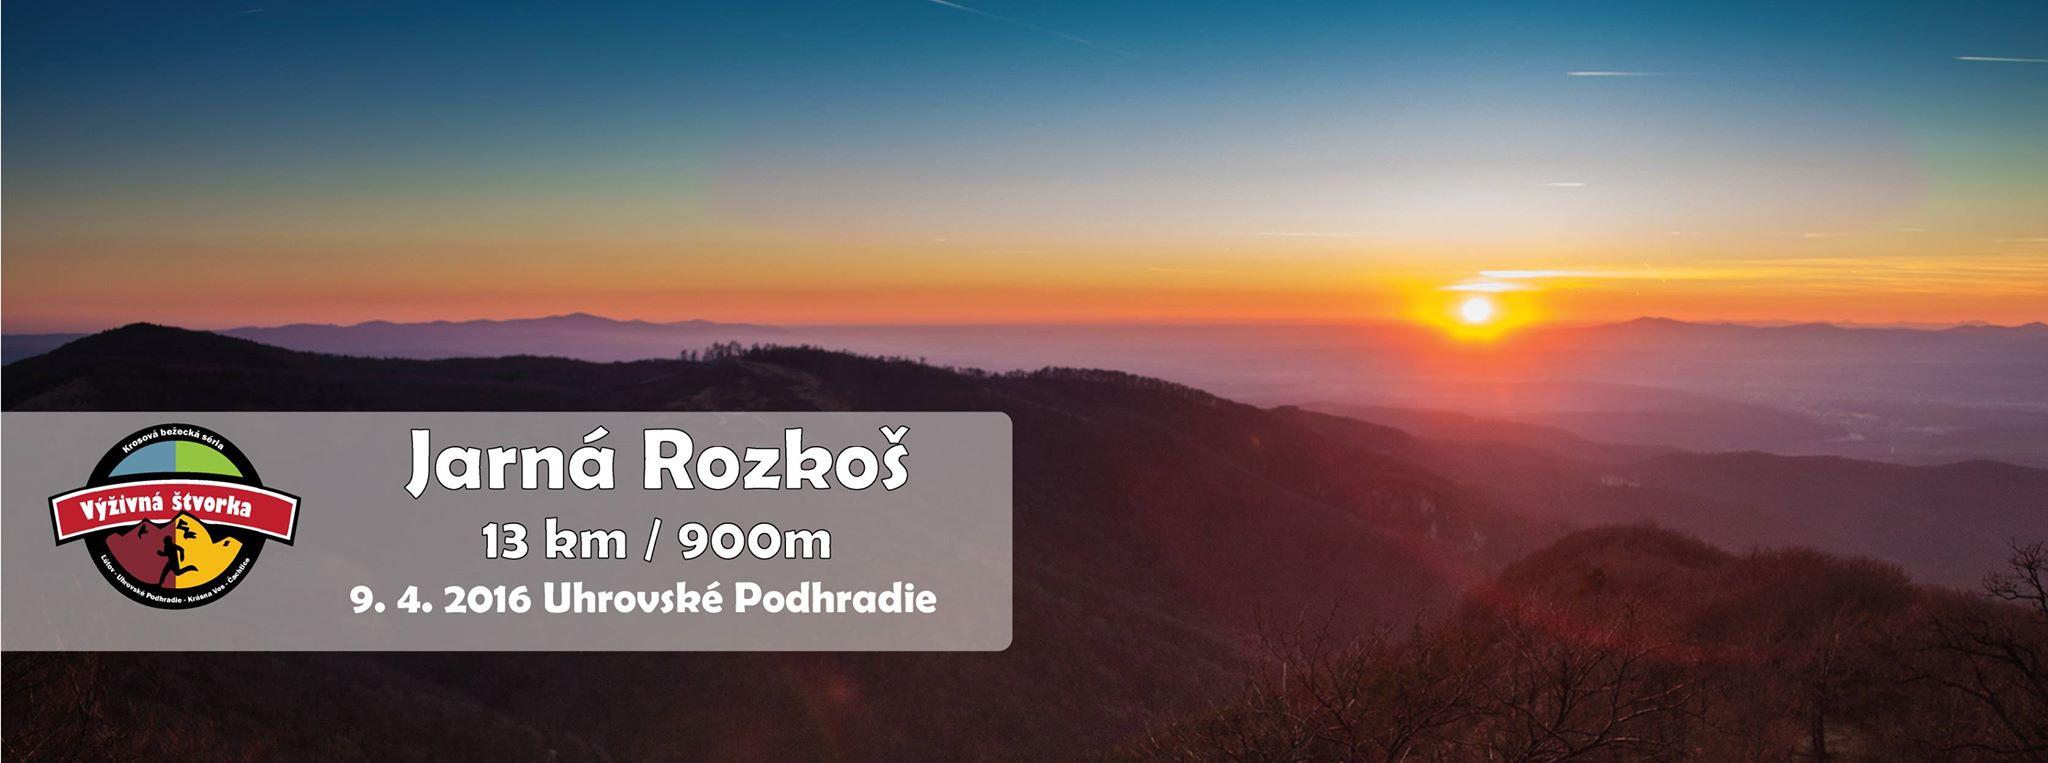 Jarná rozkoš, zdroj: FB event Jarná rozkoš